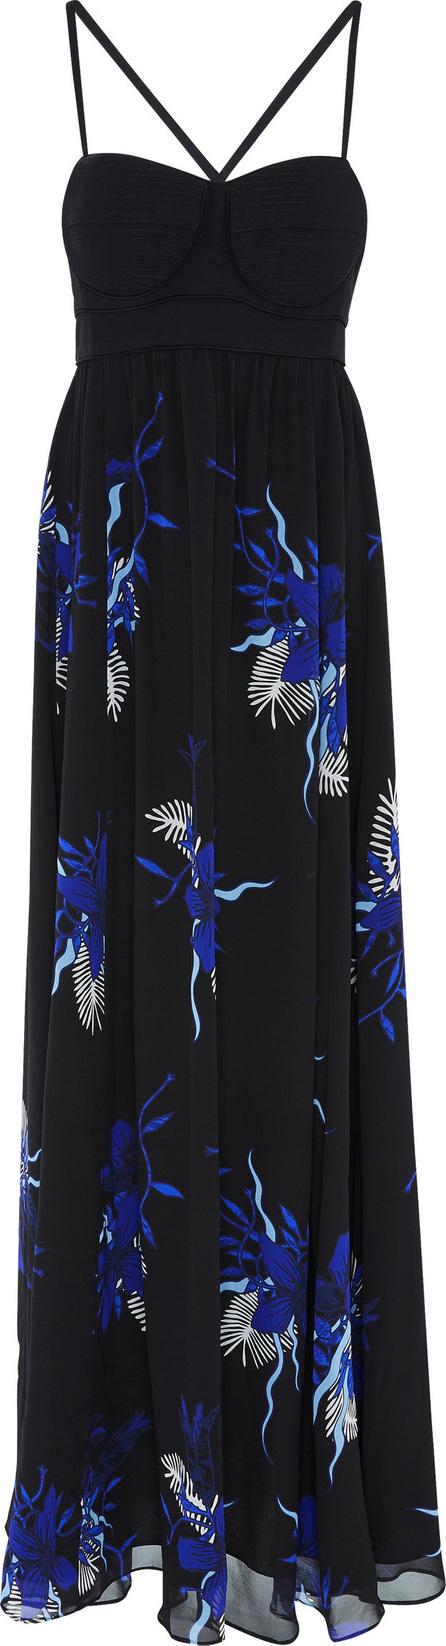 Proenza Schouler Printed Silk-Chiffon Maxi Dress